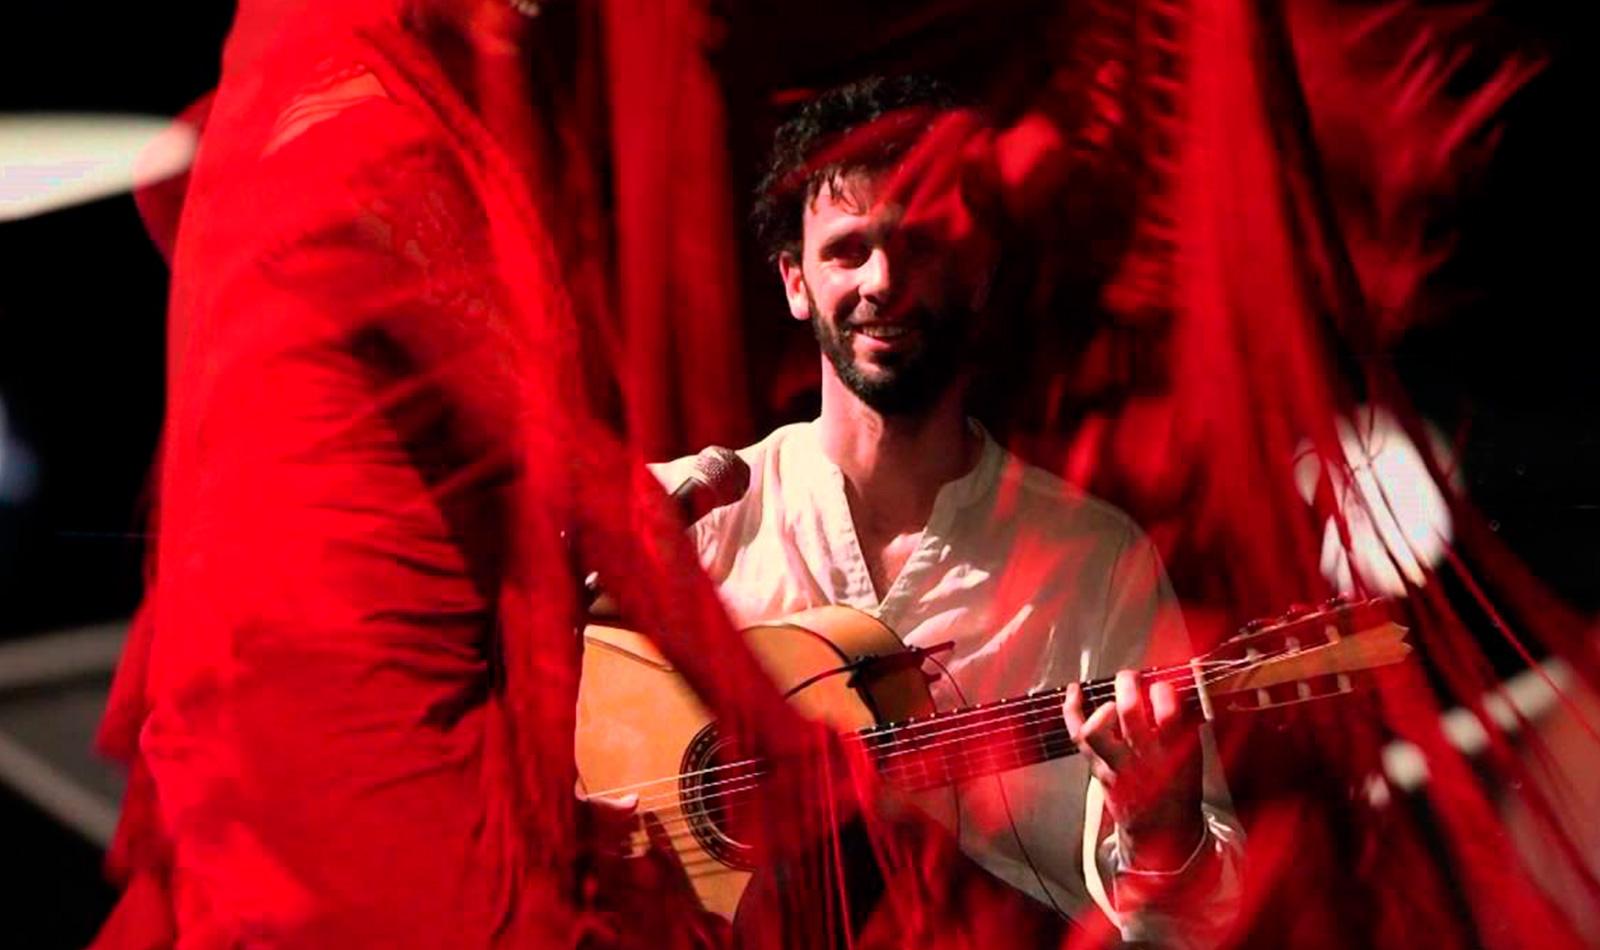 La guitarra española viaja por el mediterráneo